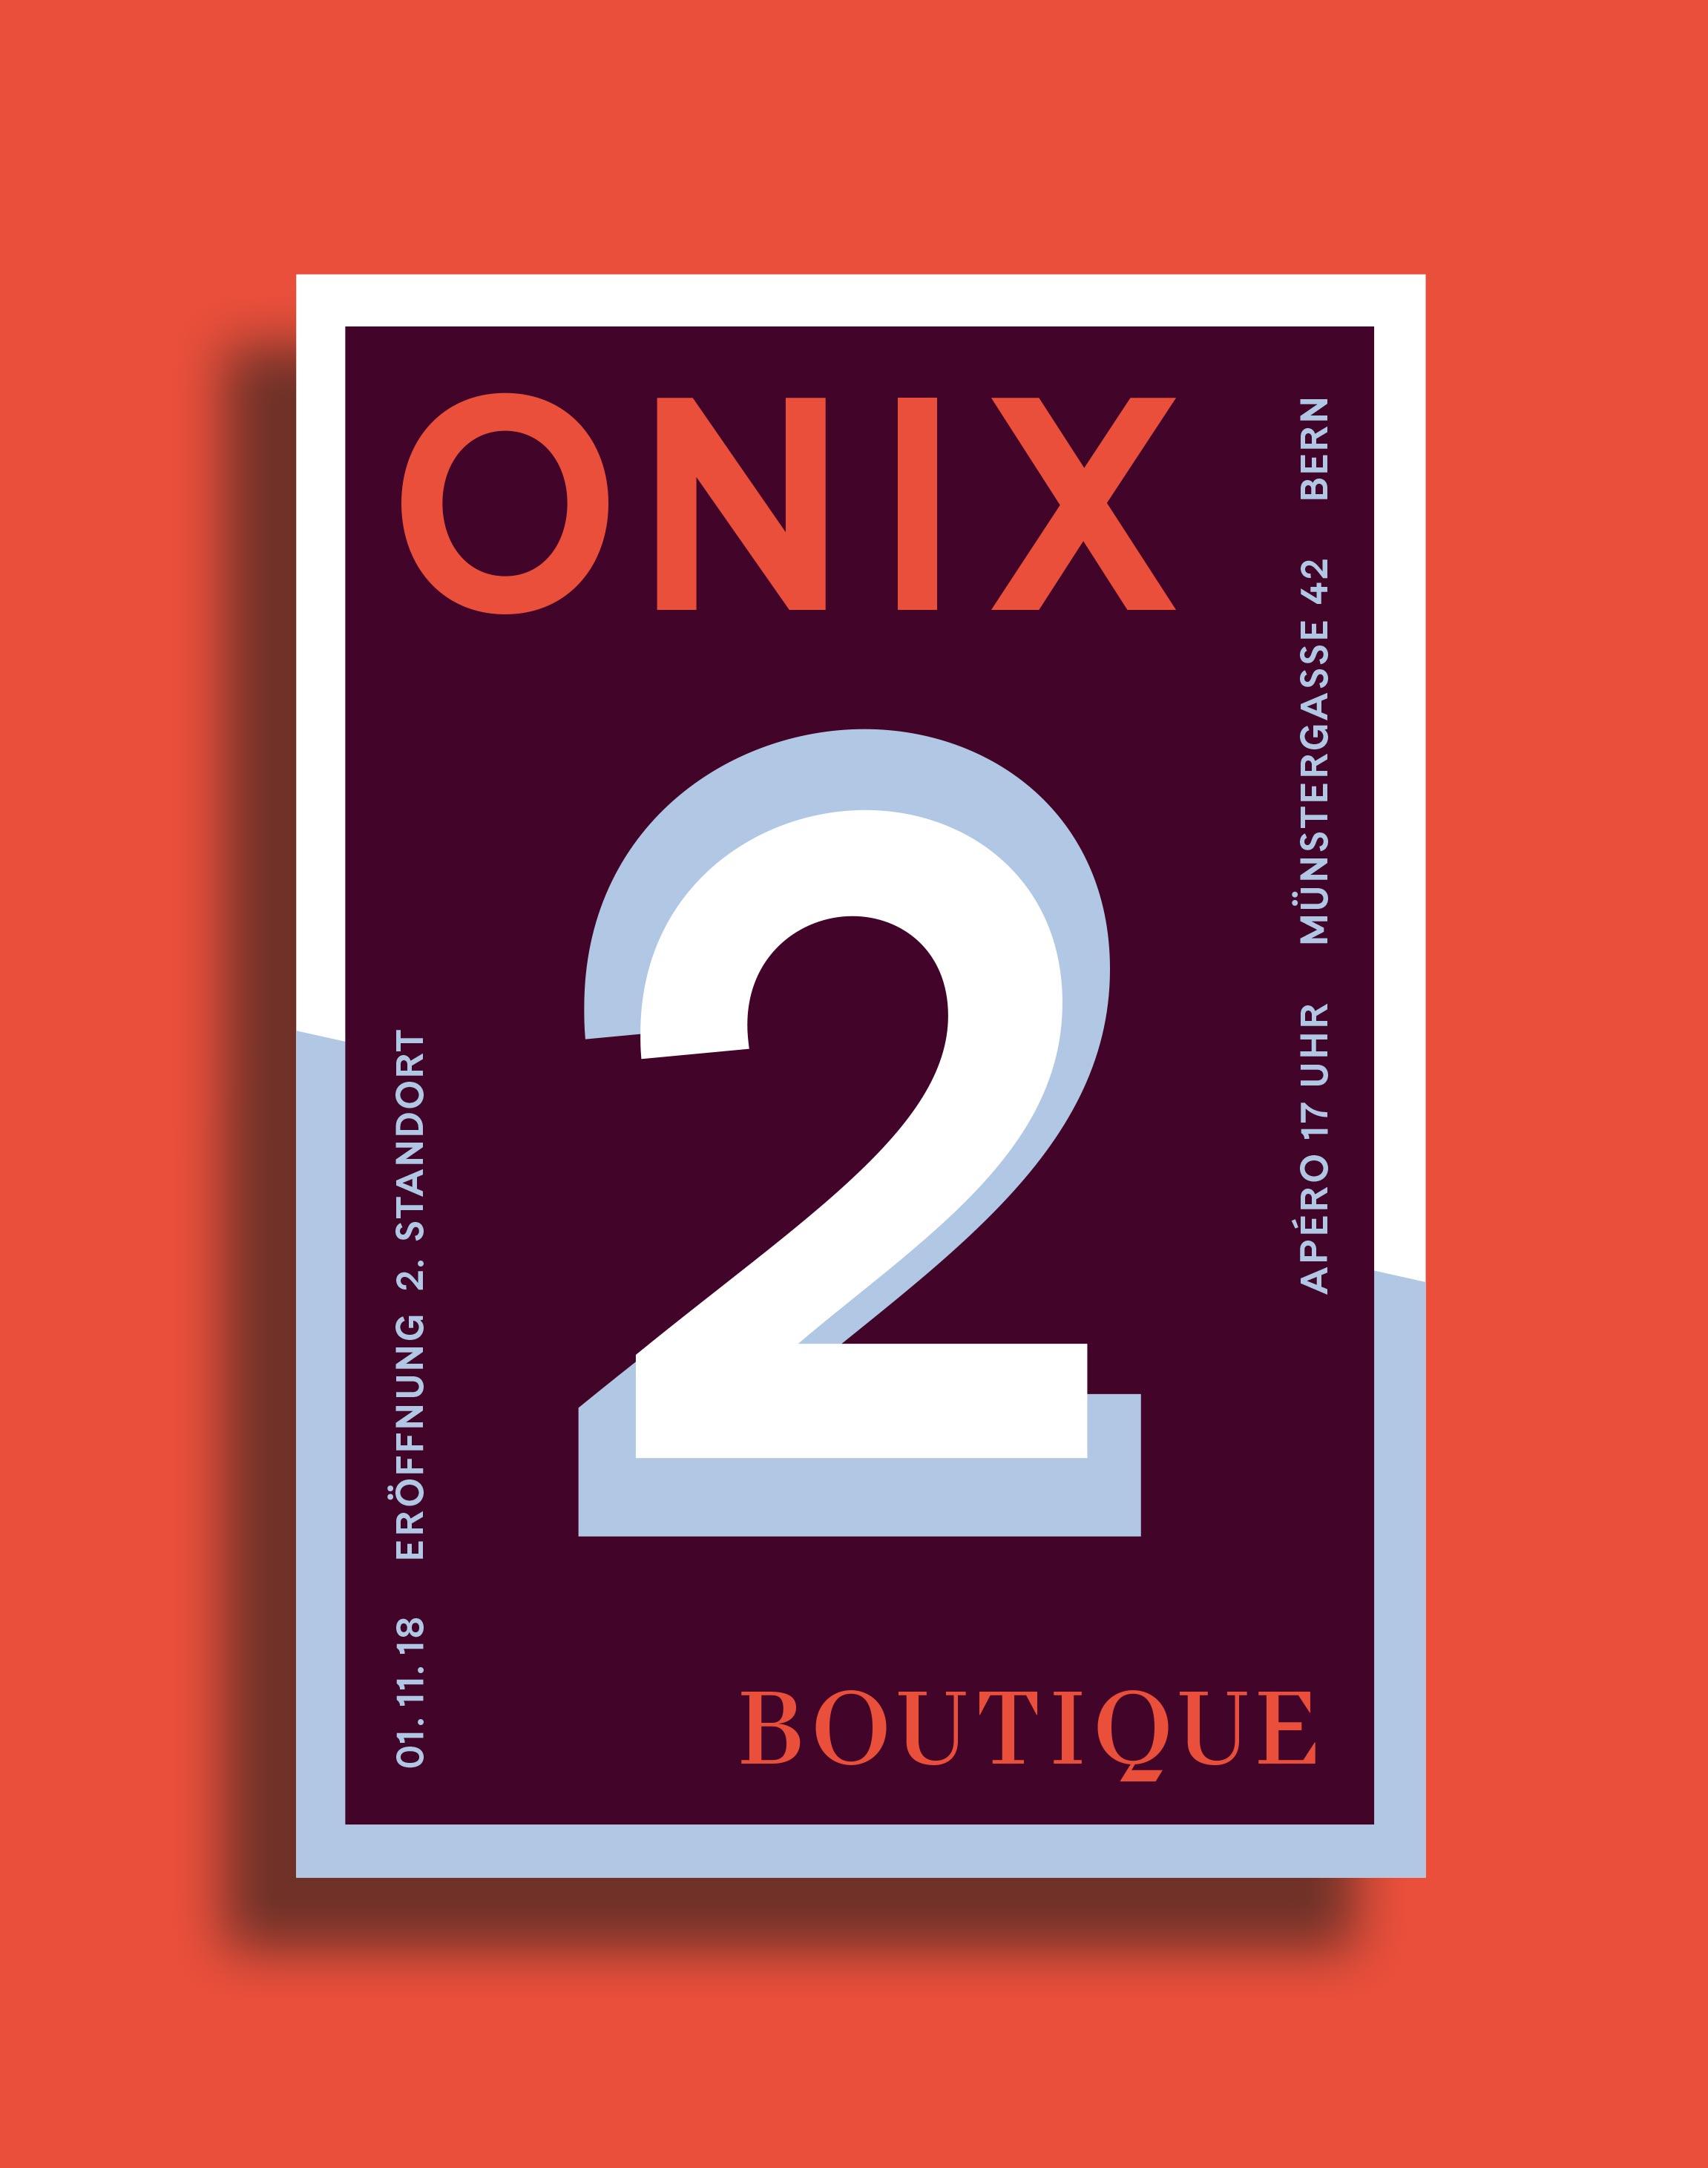 Melanie Brandel, Grafikdesign, Bern, Solothurn, Corporate Design, Onix Boutique, Münstergasse, Illustration, Typografie